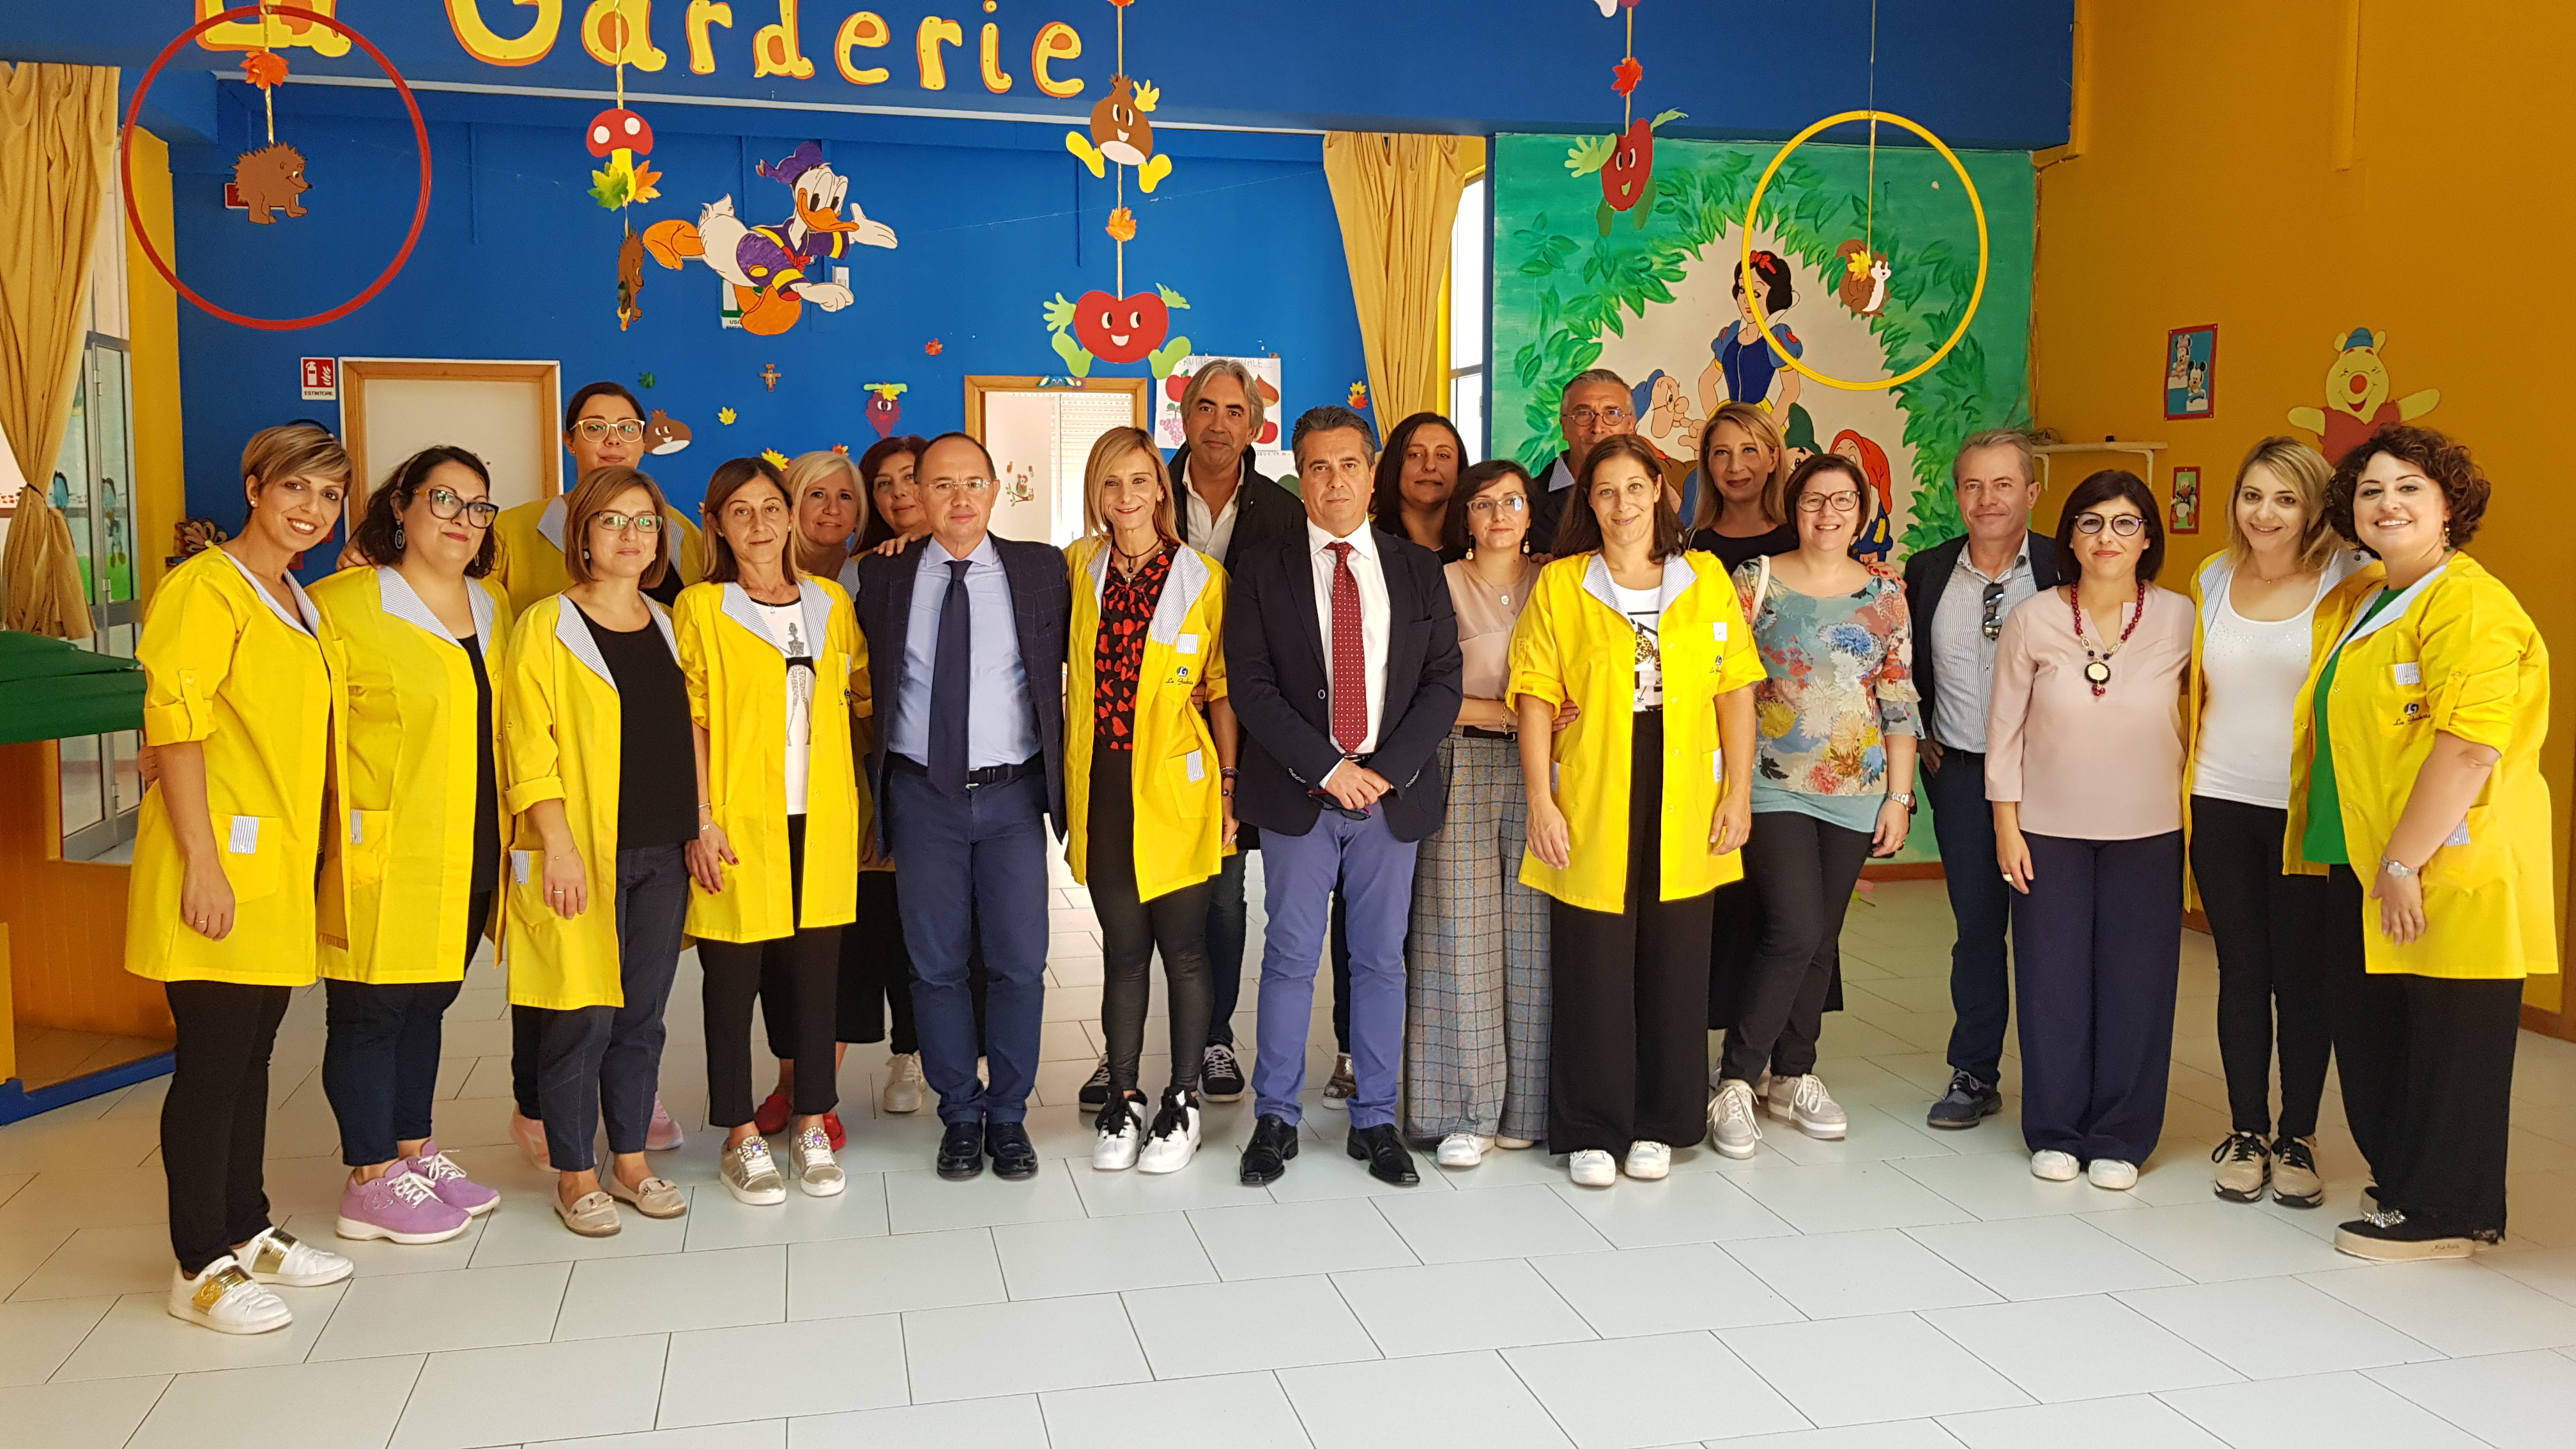 Riparte  l'asilo nido di Rosolini, il sindaco: confermate le professionalità locali